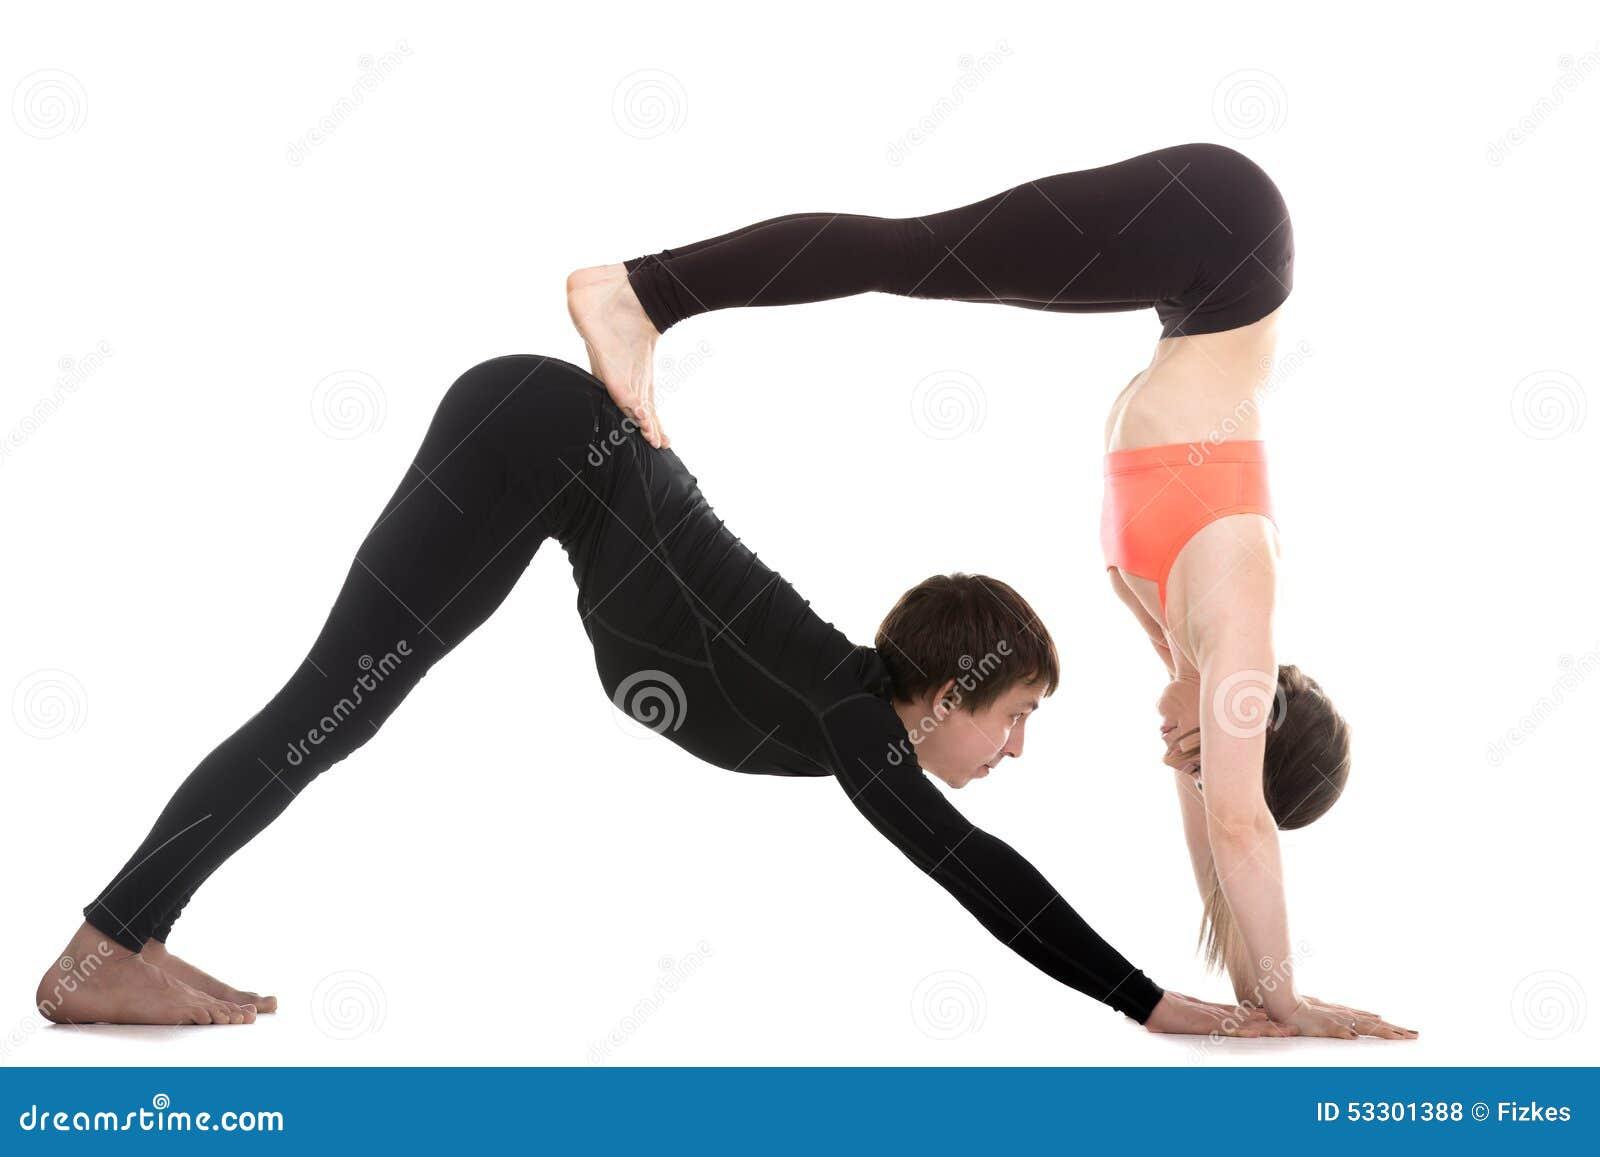 Top Acroyoga, Downward-facing Dog Yoga Pose Stock Photo - Image: 53301388 OZ16